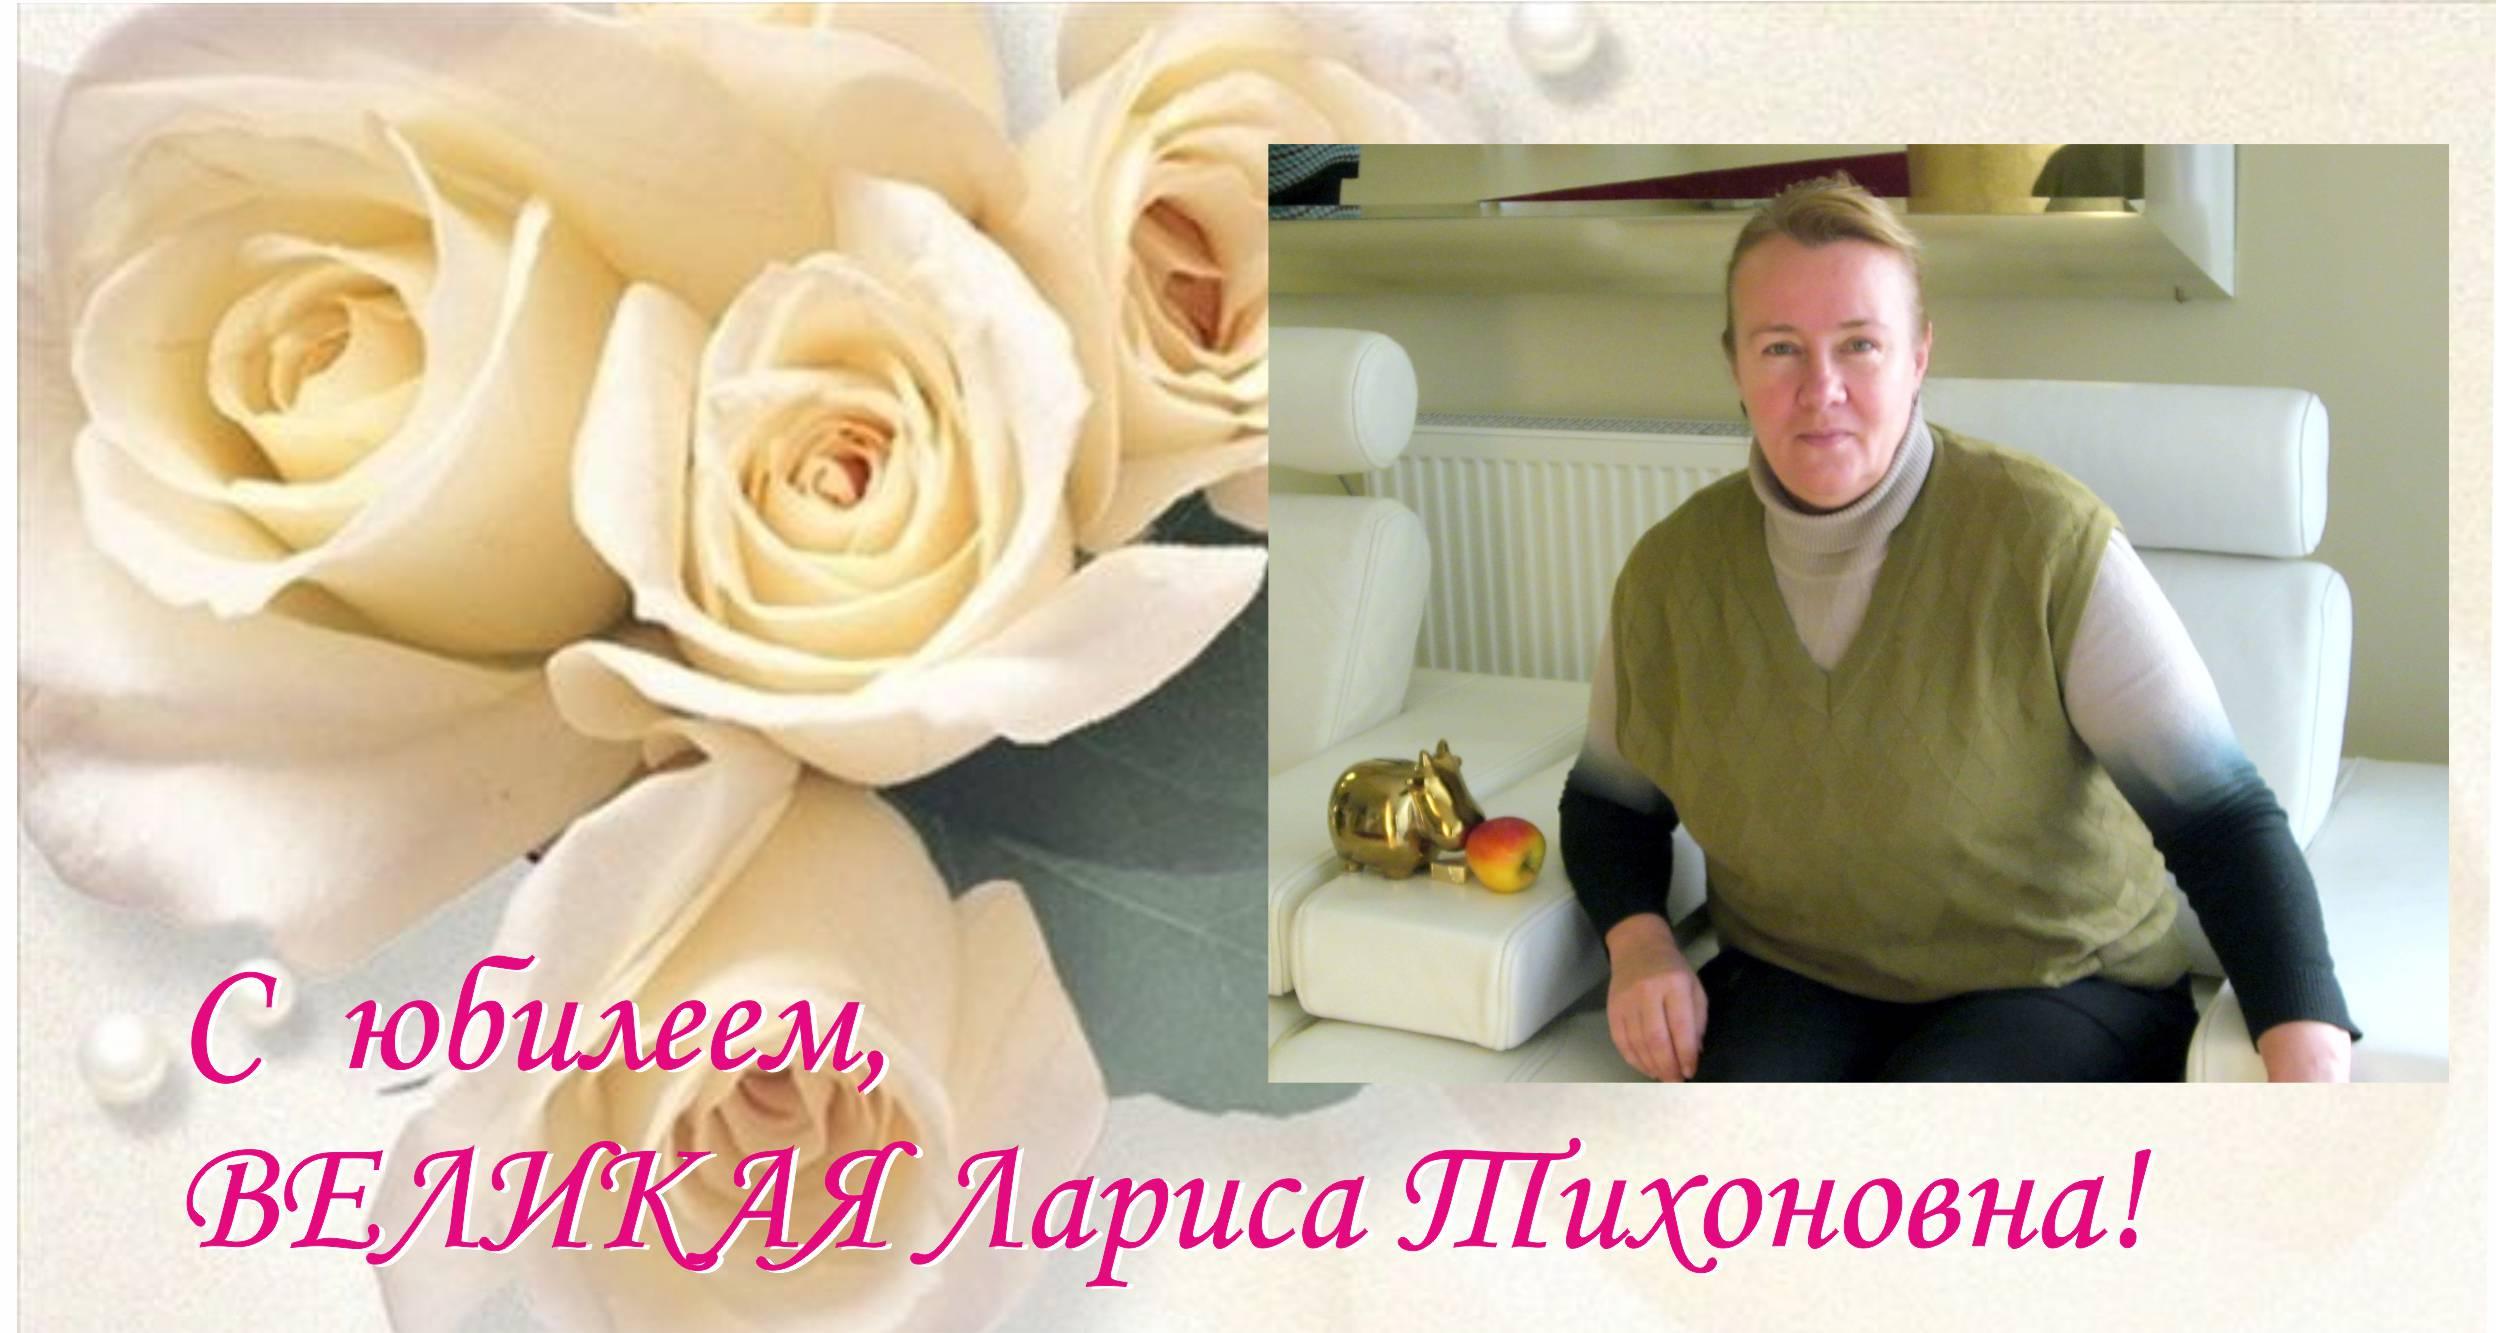 С  ЮБИЛЕЕМ, ВЕЛИКАЯ ЛАРИСА ТИХОНОВНА!_(выпуск журнала №42)